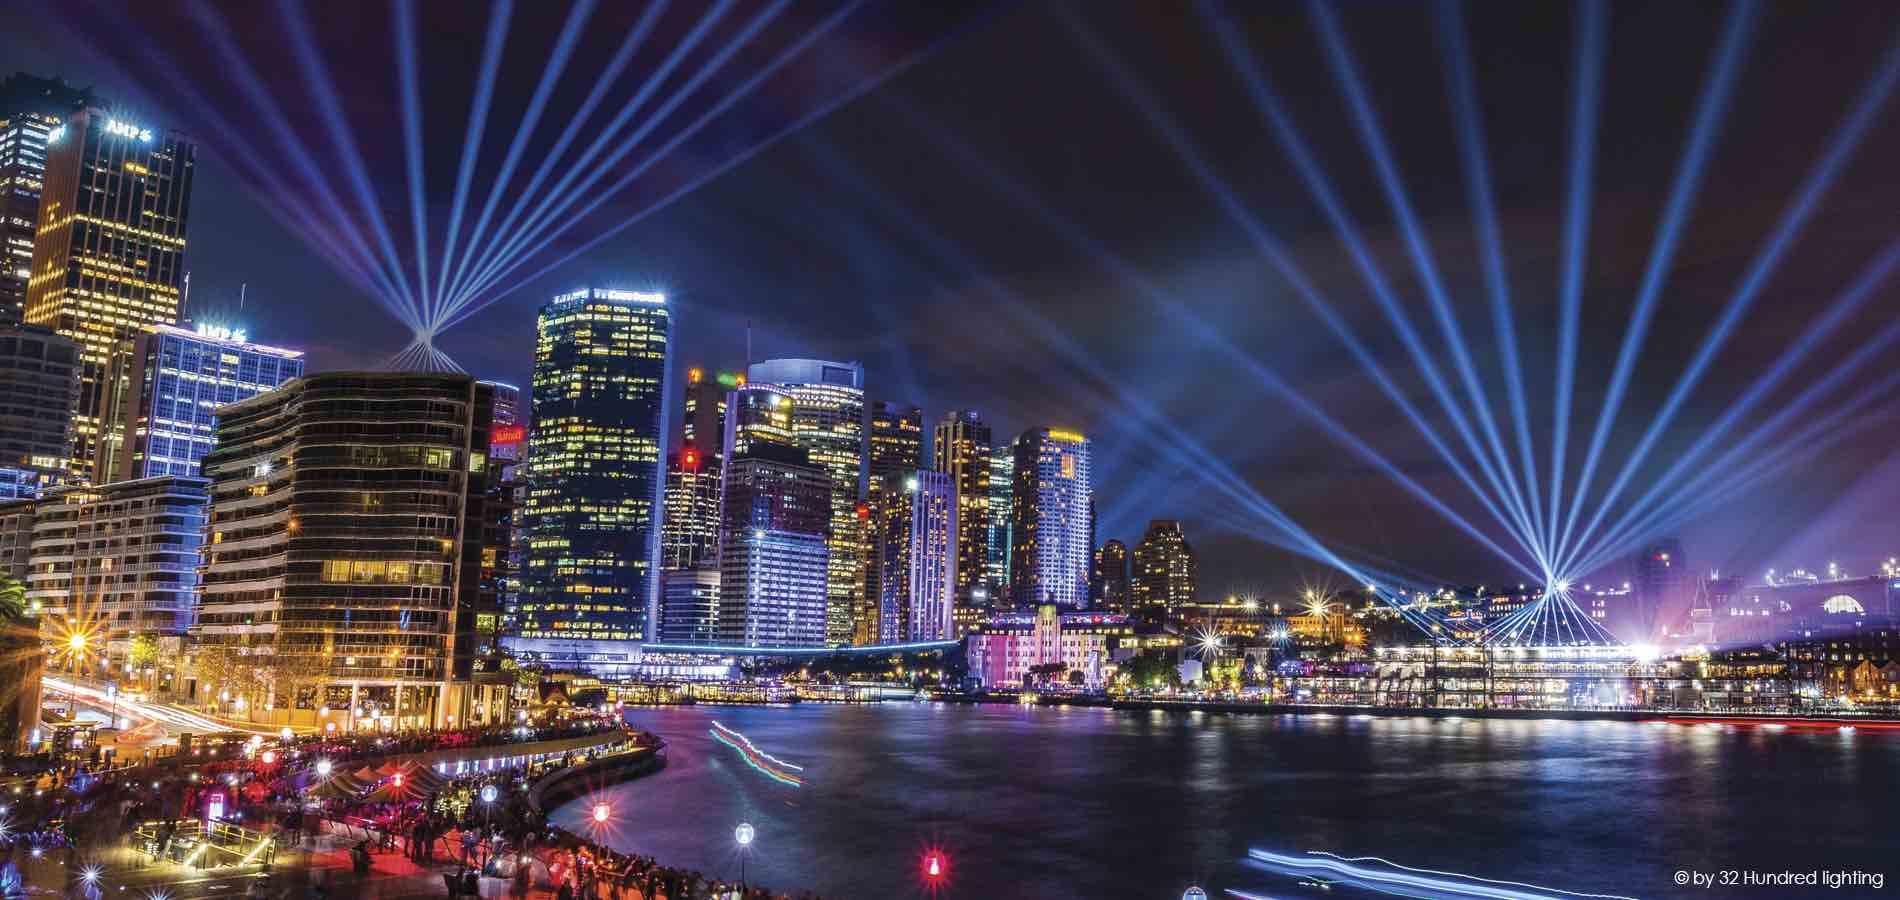 Government House - Tất tần tật mọi thứ bạn cần biết về Vivid Sydney 2018